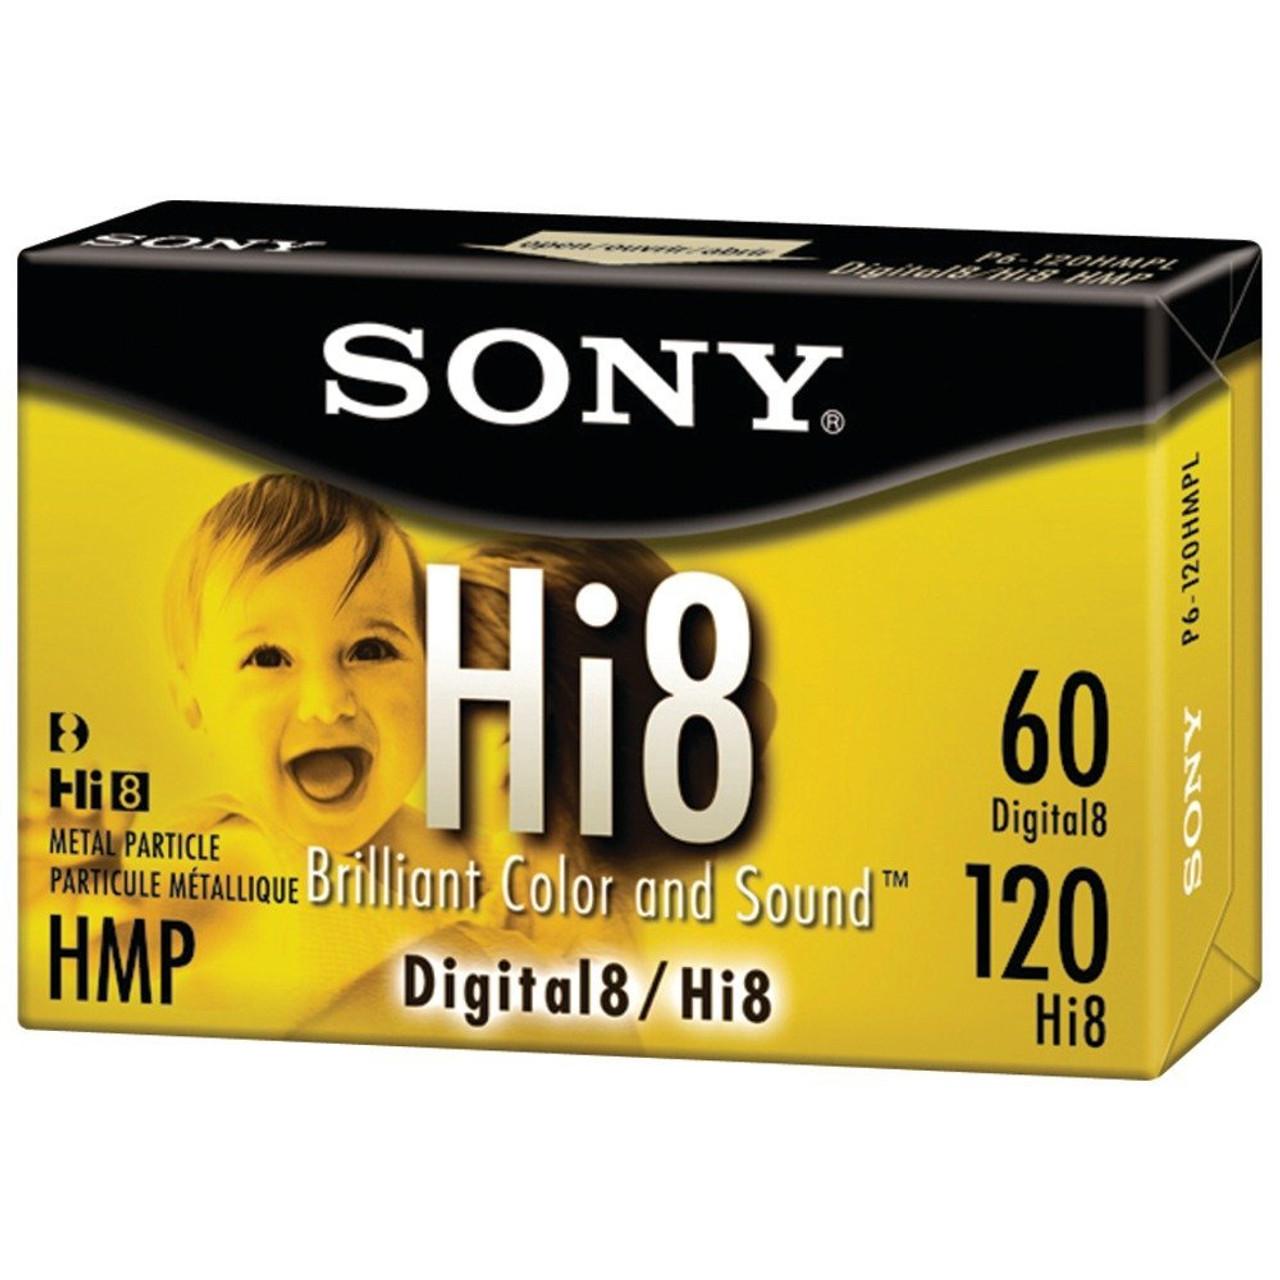 Sony 120 minute Hi8 1-Pack